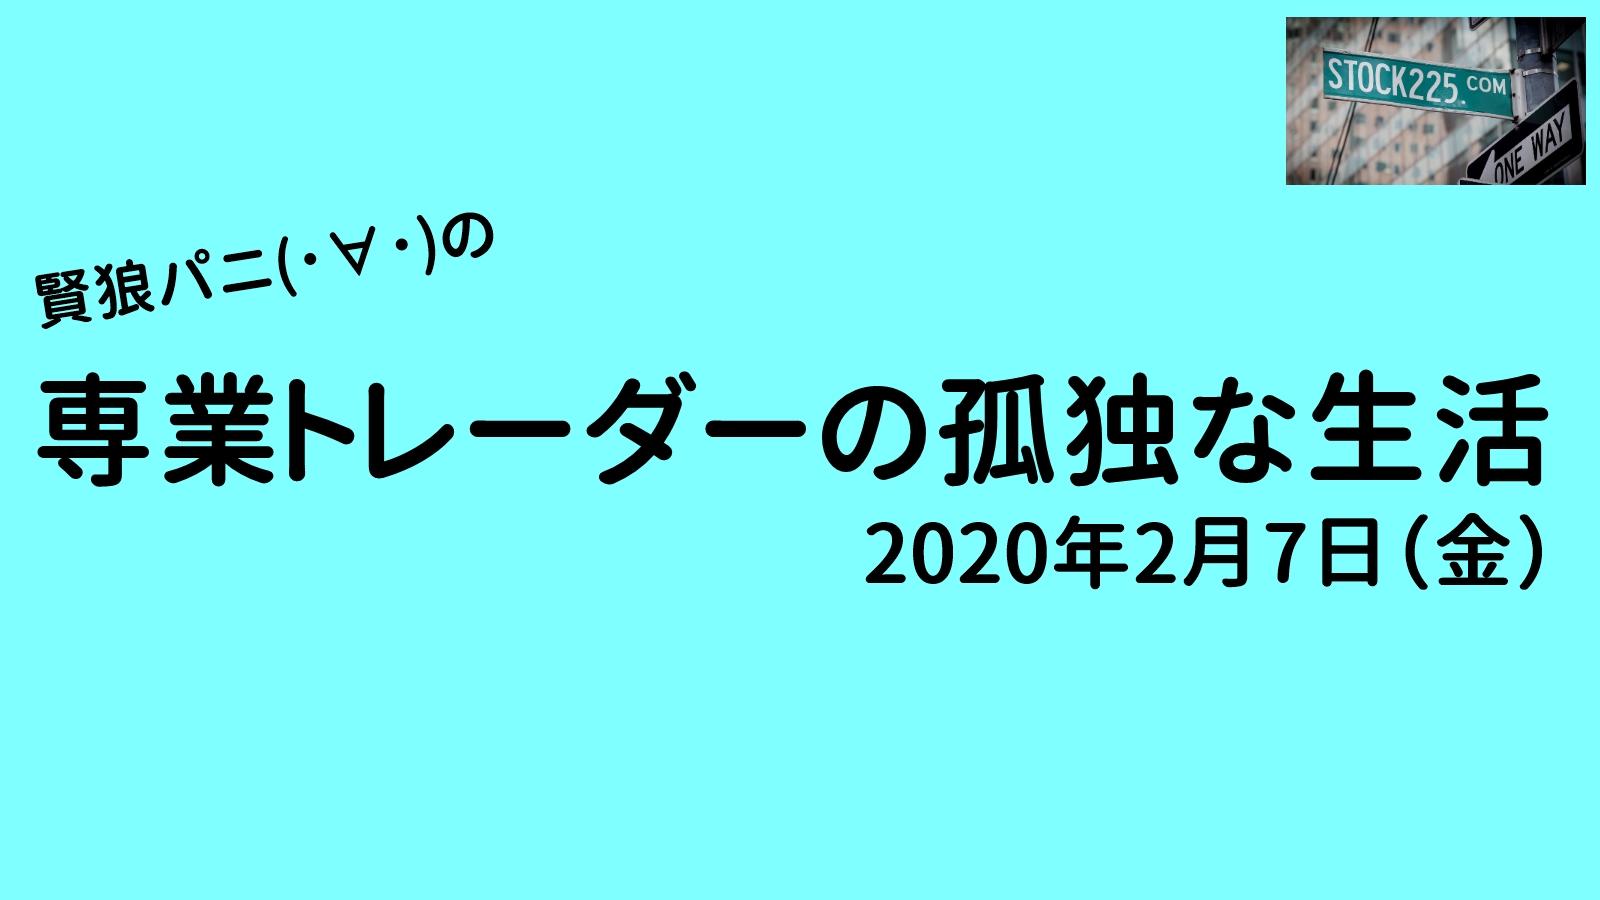 専業トレーダーの孤独な生活20200207